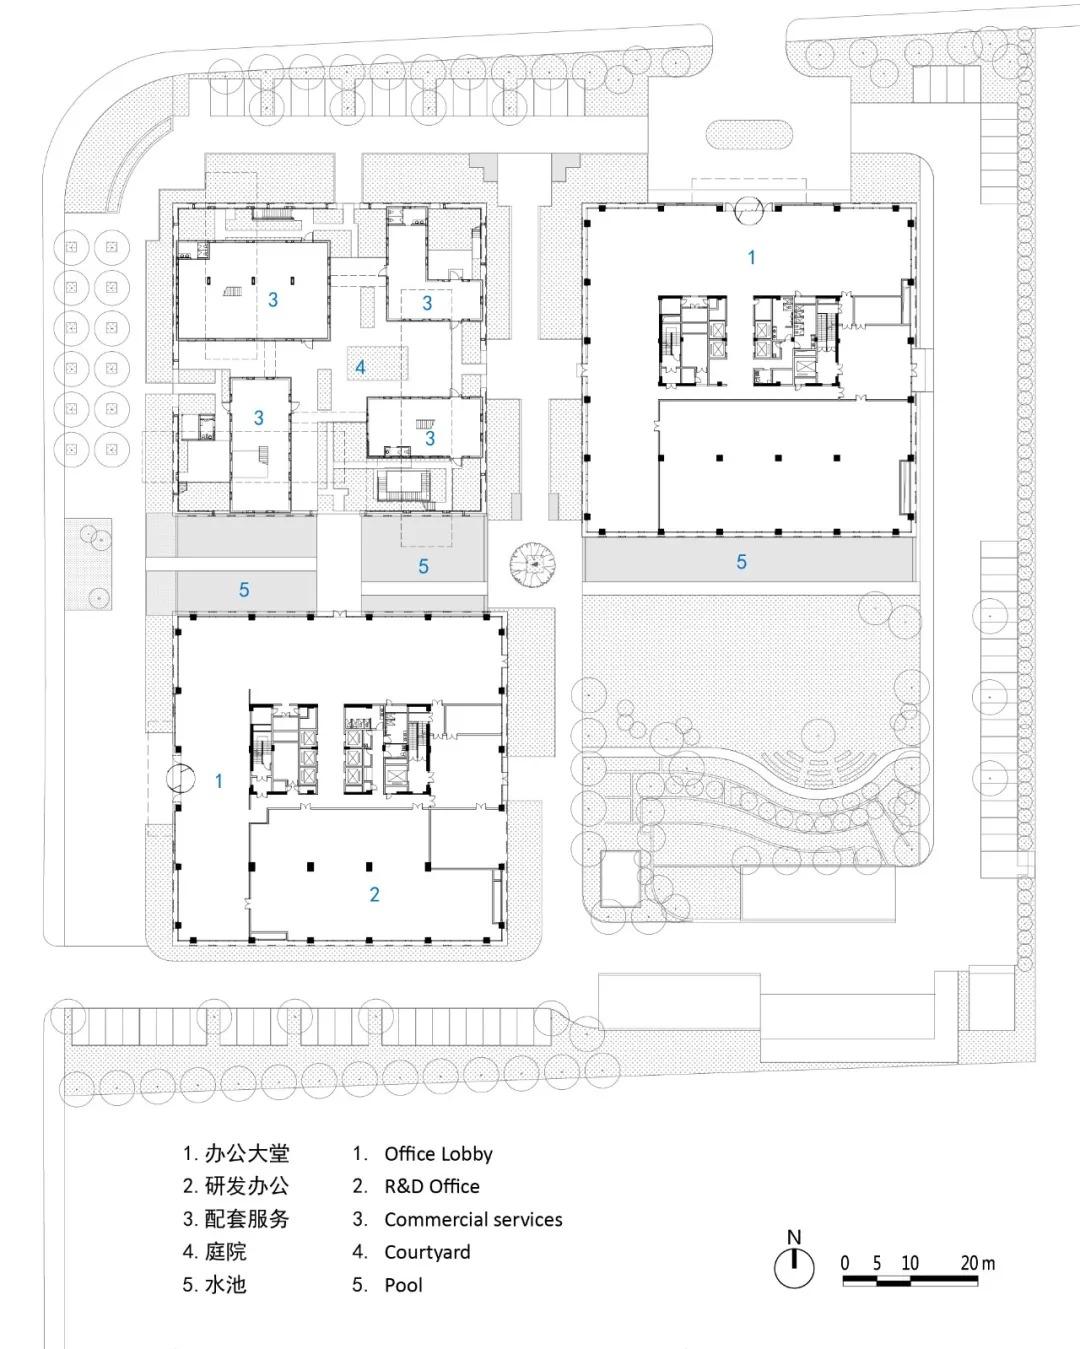 张江高科技园区 张润大厦 建筑设计  /  山水秀建筑事务所